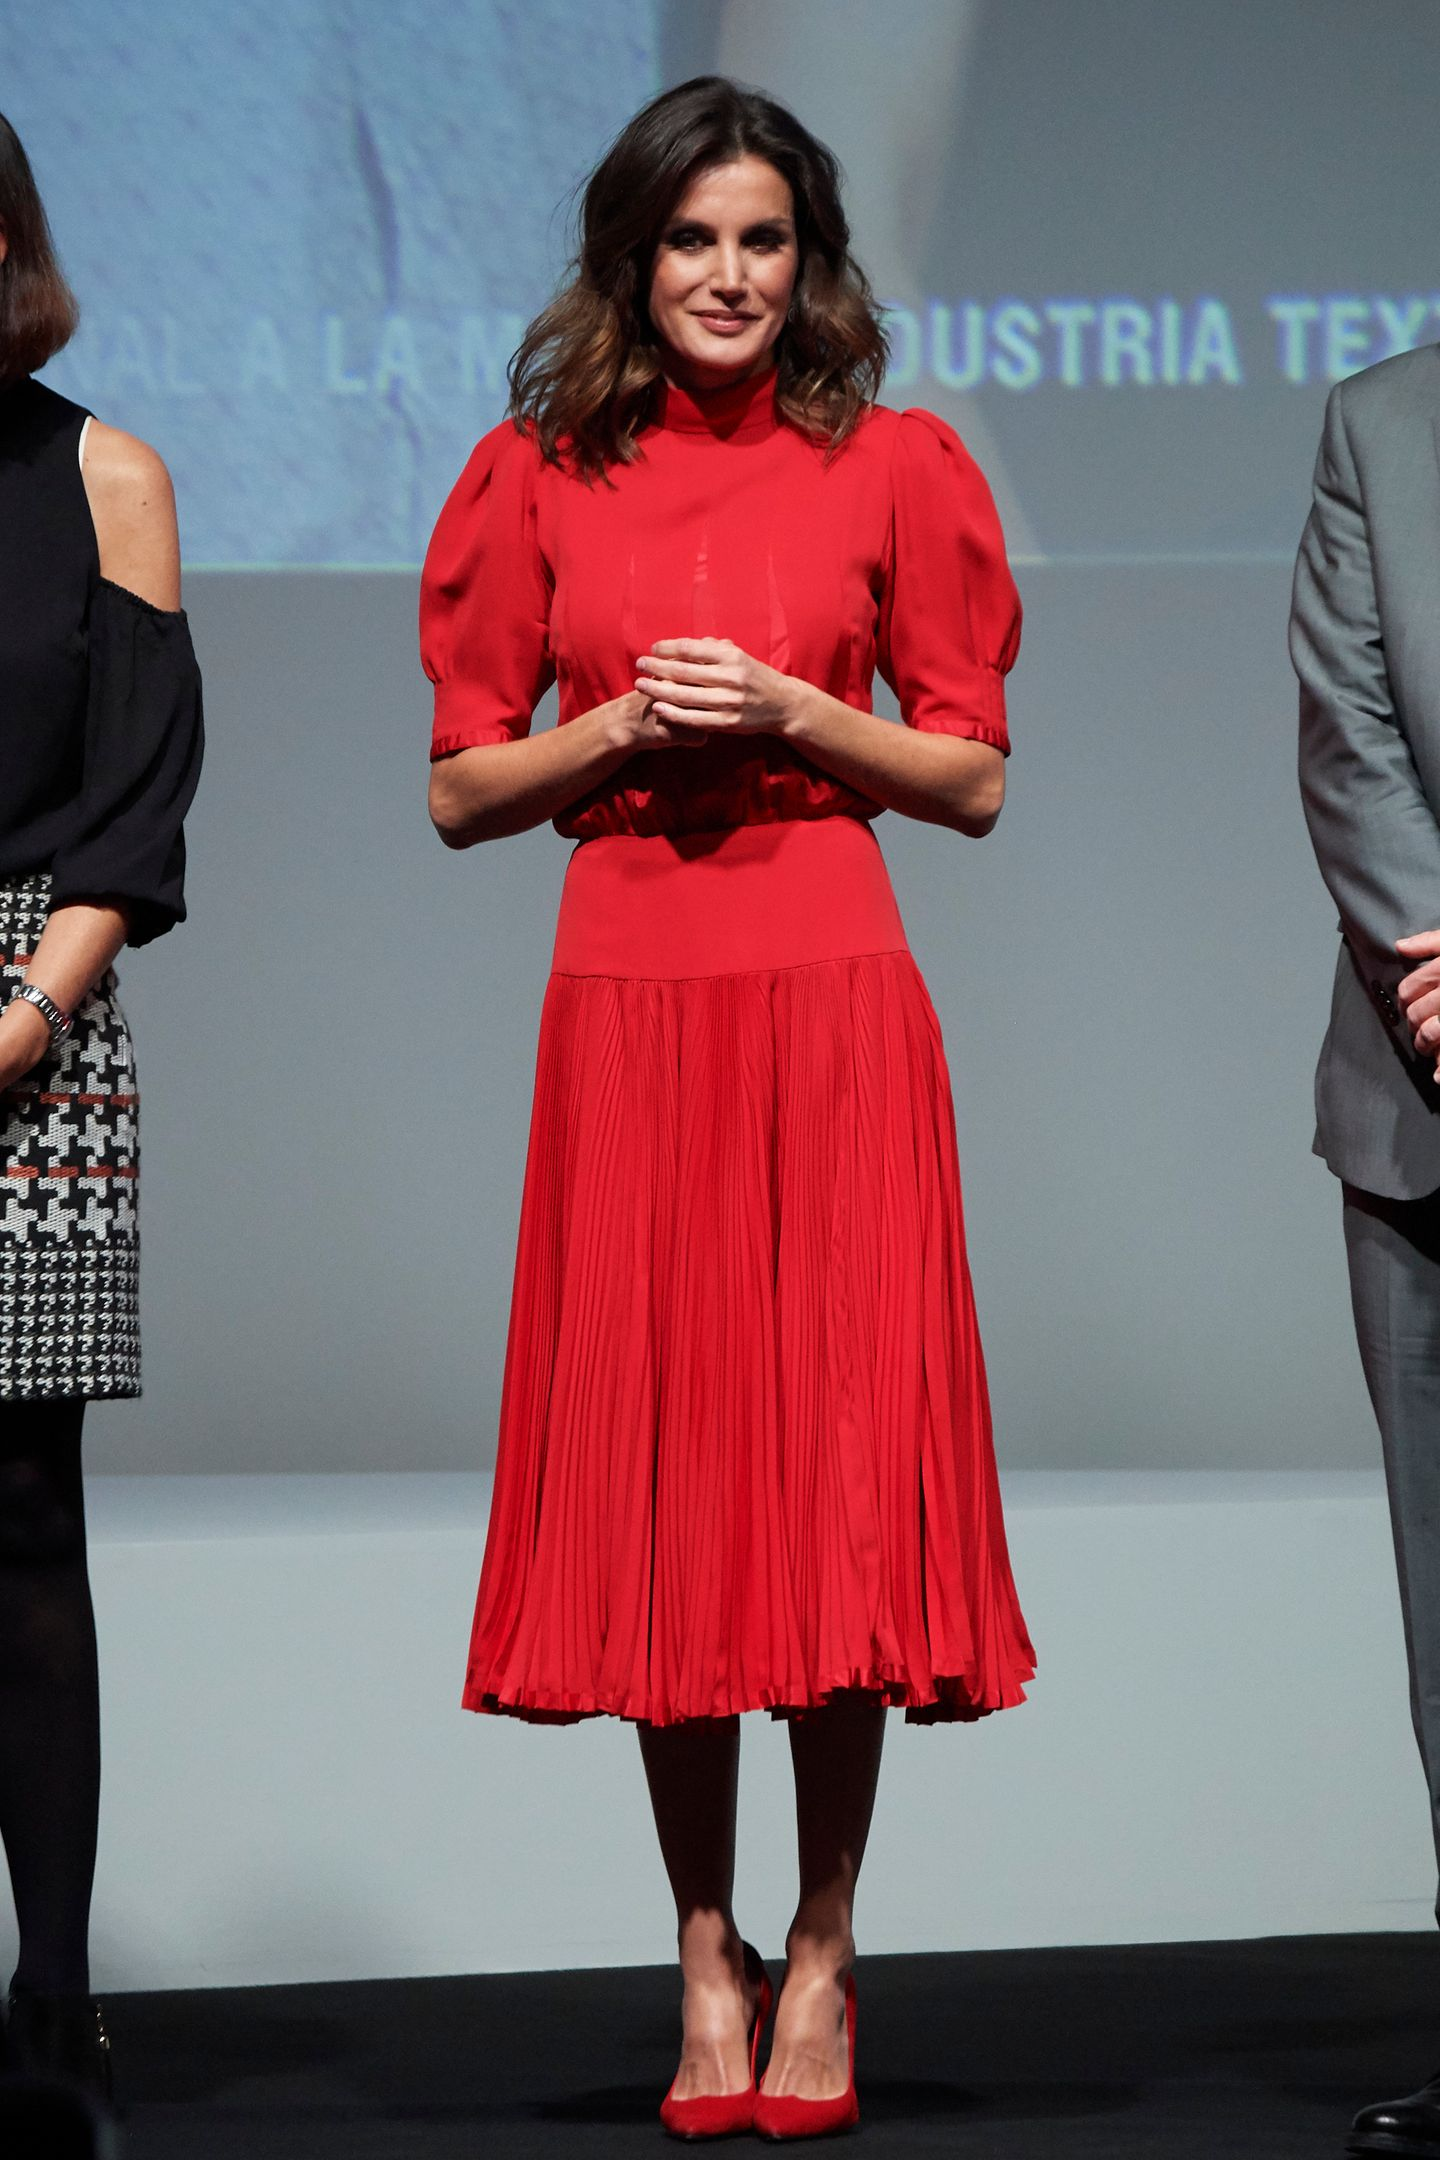 """Königin Letizia zeigt sich bei der Verleihung der """"National Fashion Awards"""" in Madrid in einem knallroten Dress. Es ist hochgeschlossen, in Midilänge und an der Taille eng geschnitten und erinnert stark an das Kleid, in dem sich eine andere Prinzessin erst Anfang der Woche zeigte..."""